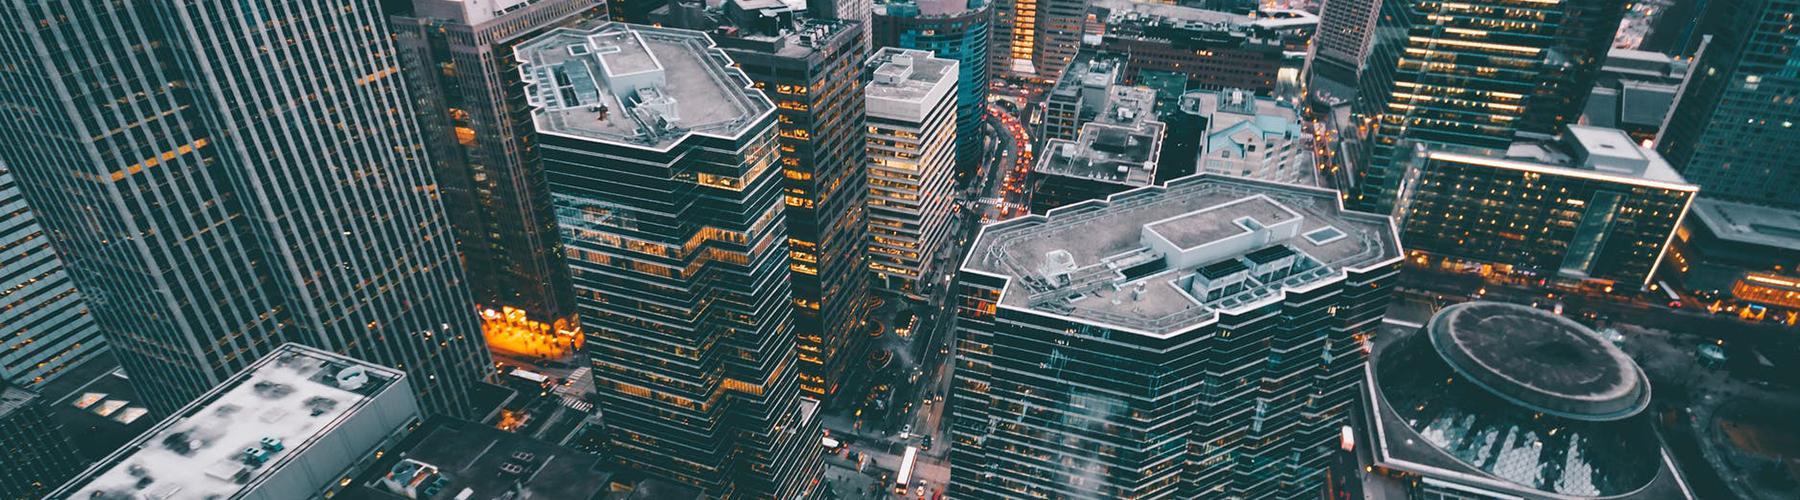 토론토 - City Center에 가까운 호스텔. 토론토의 지도, 토론토에 위치한 호스텔에 대한 사진 및 리뷰.